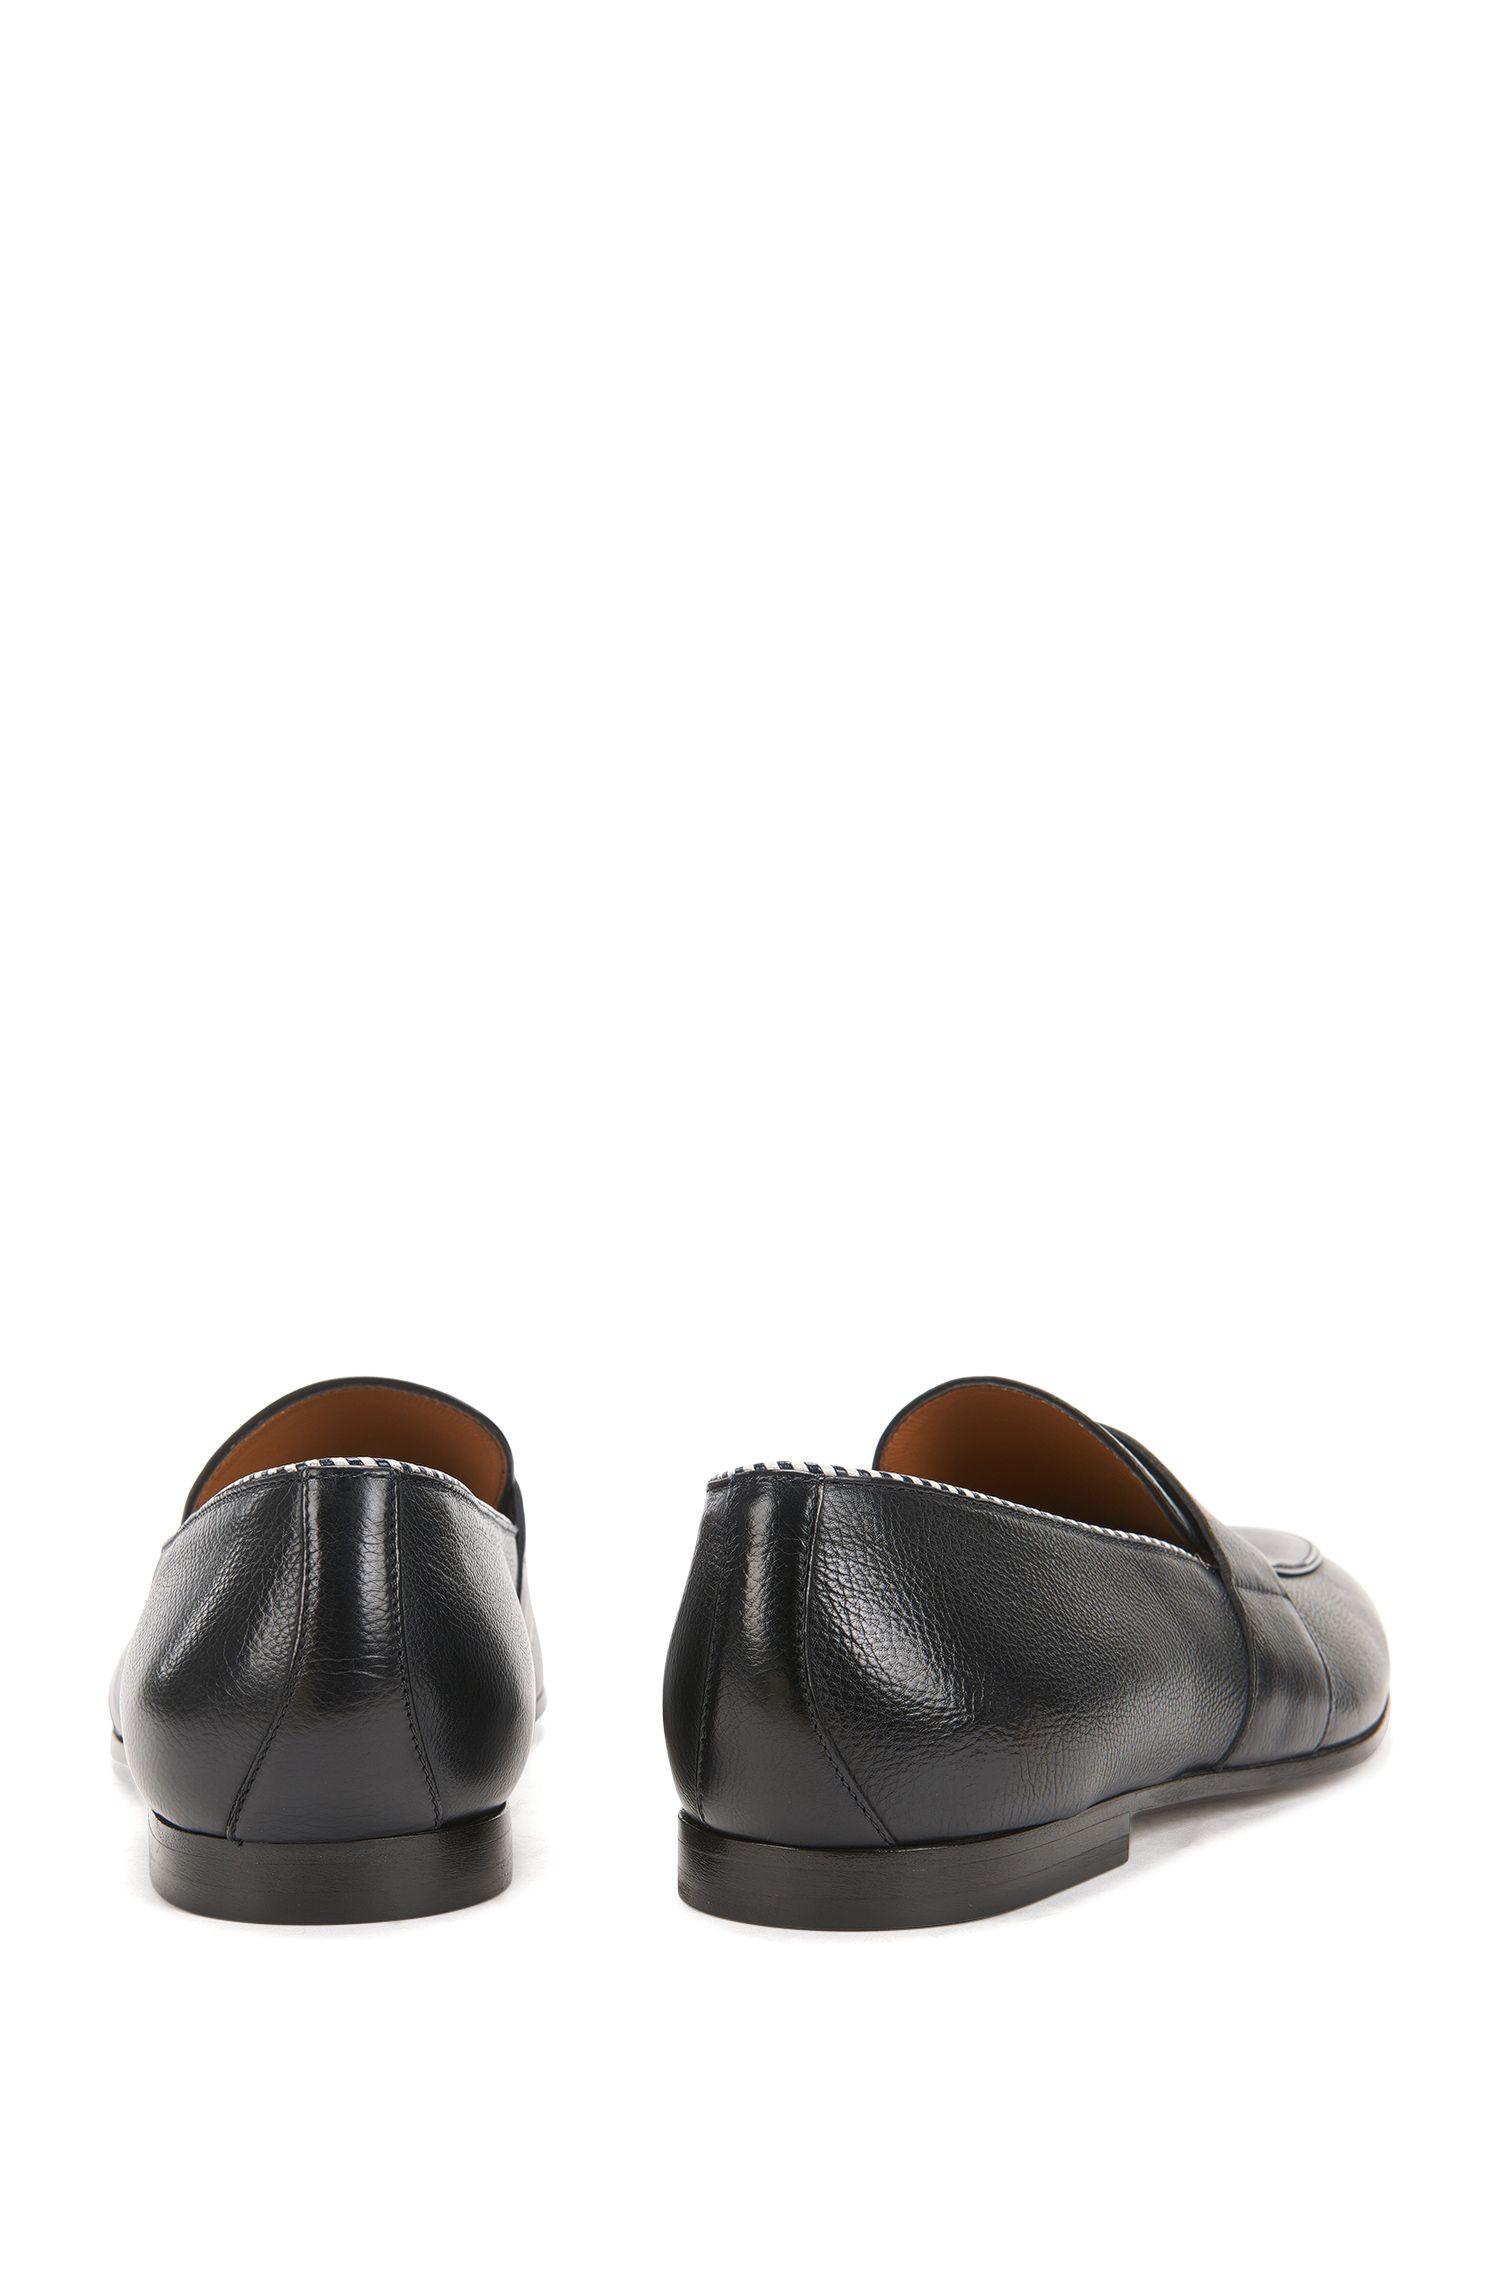 Loafers van plantaardig gelooid, generfd leer